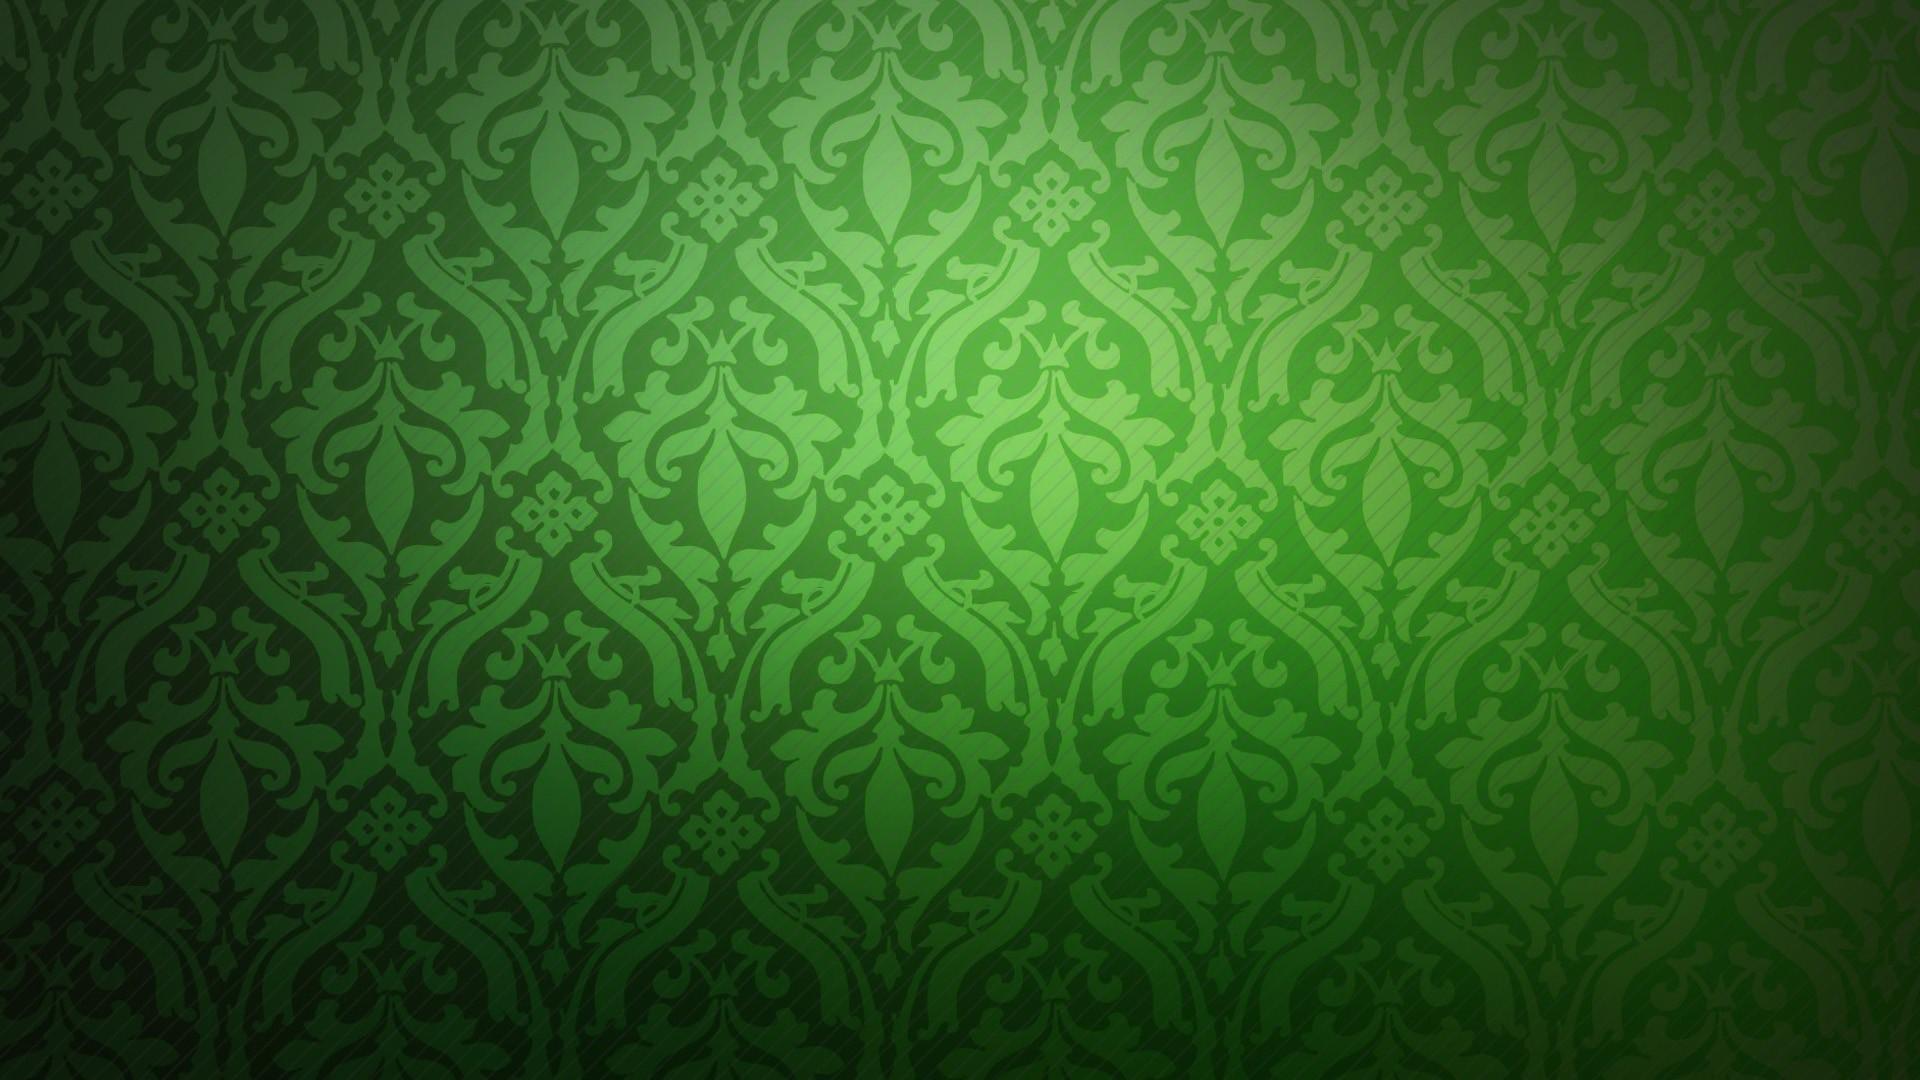 зеленая текстура  № 2753115 бесплатно